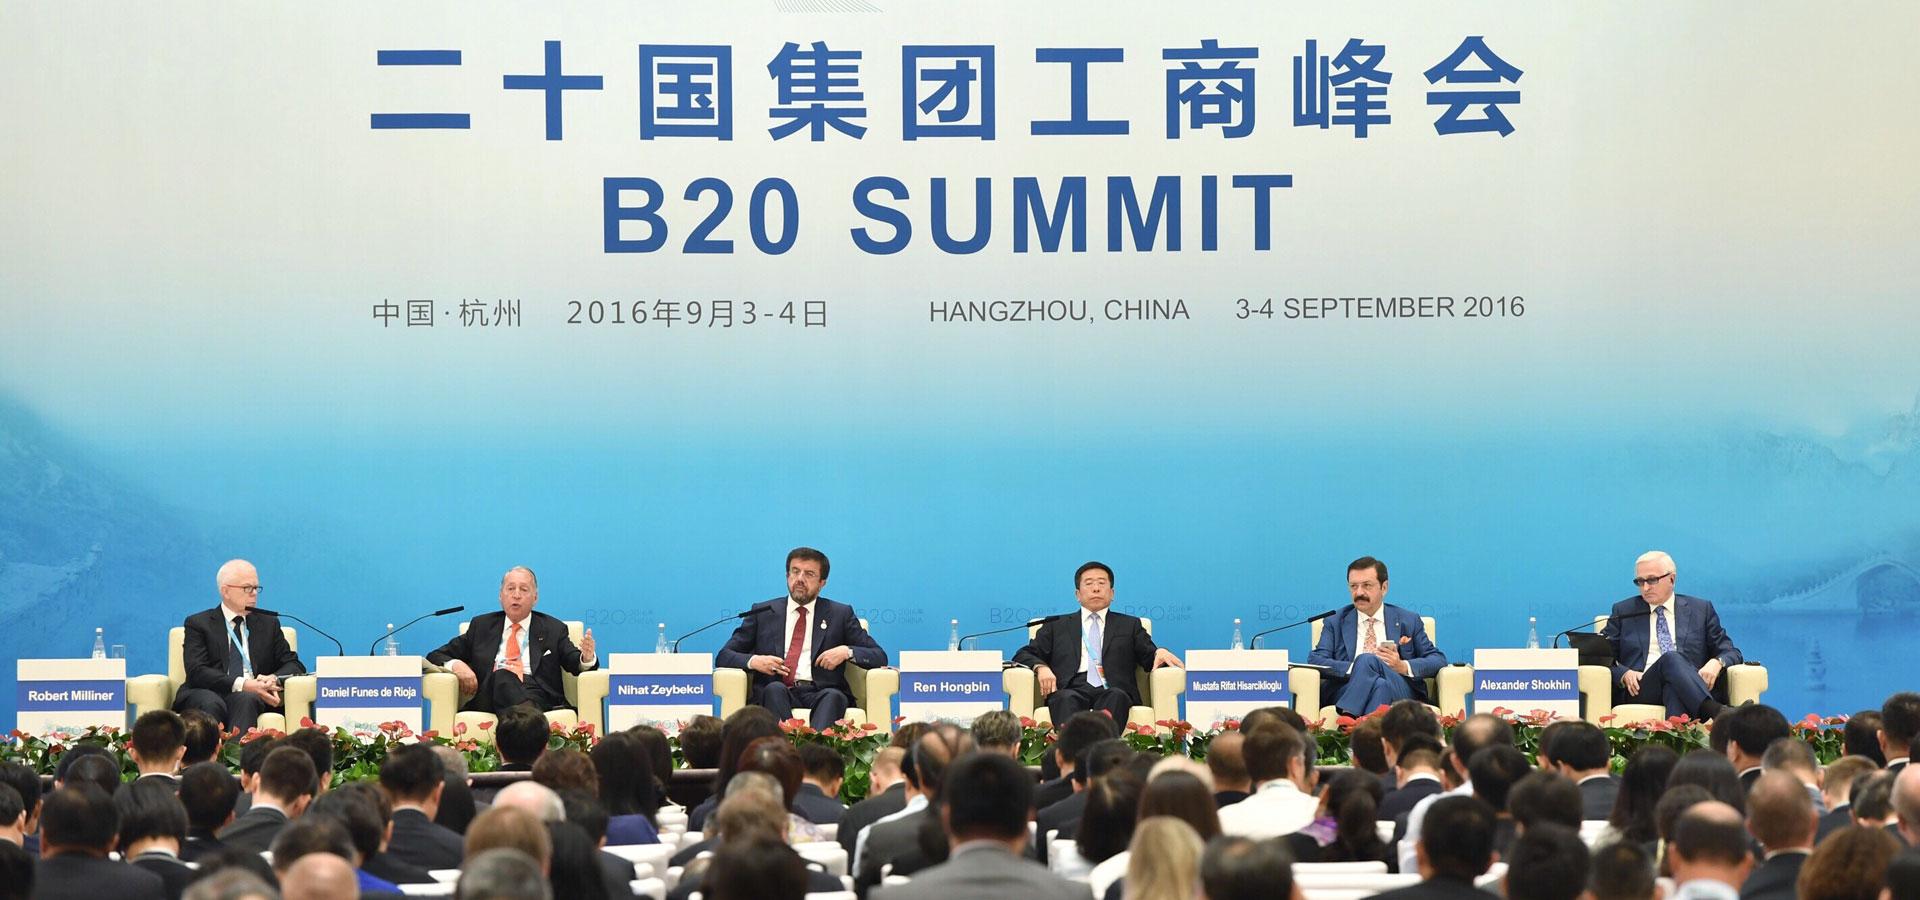 """二十國集團工商峰會舉辦""""促進包容和聯動式發展""""專題研討"""